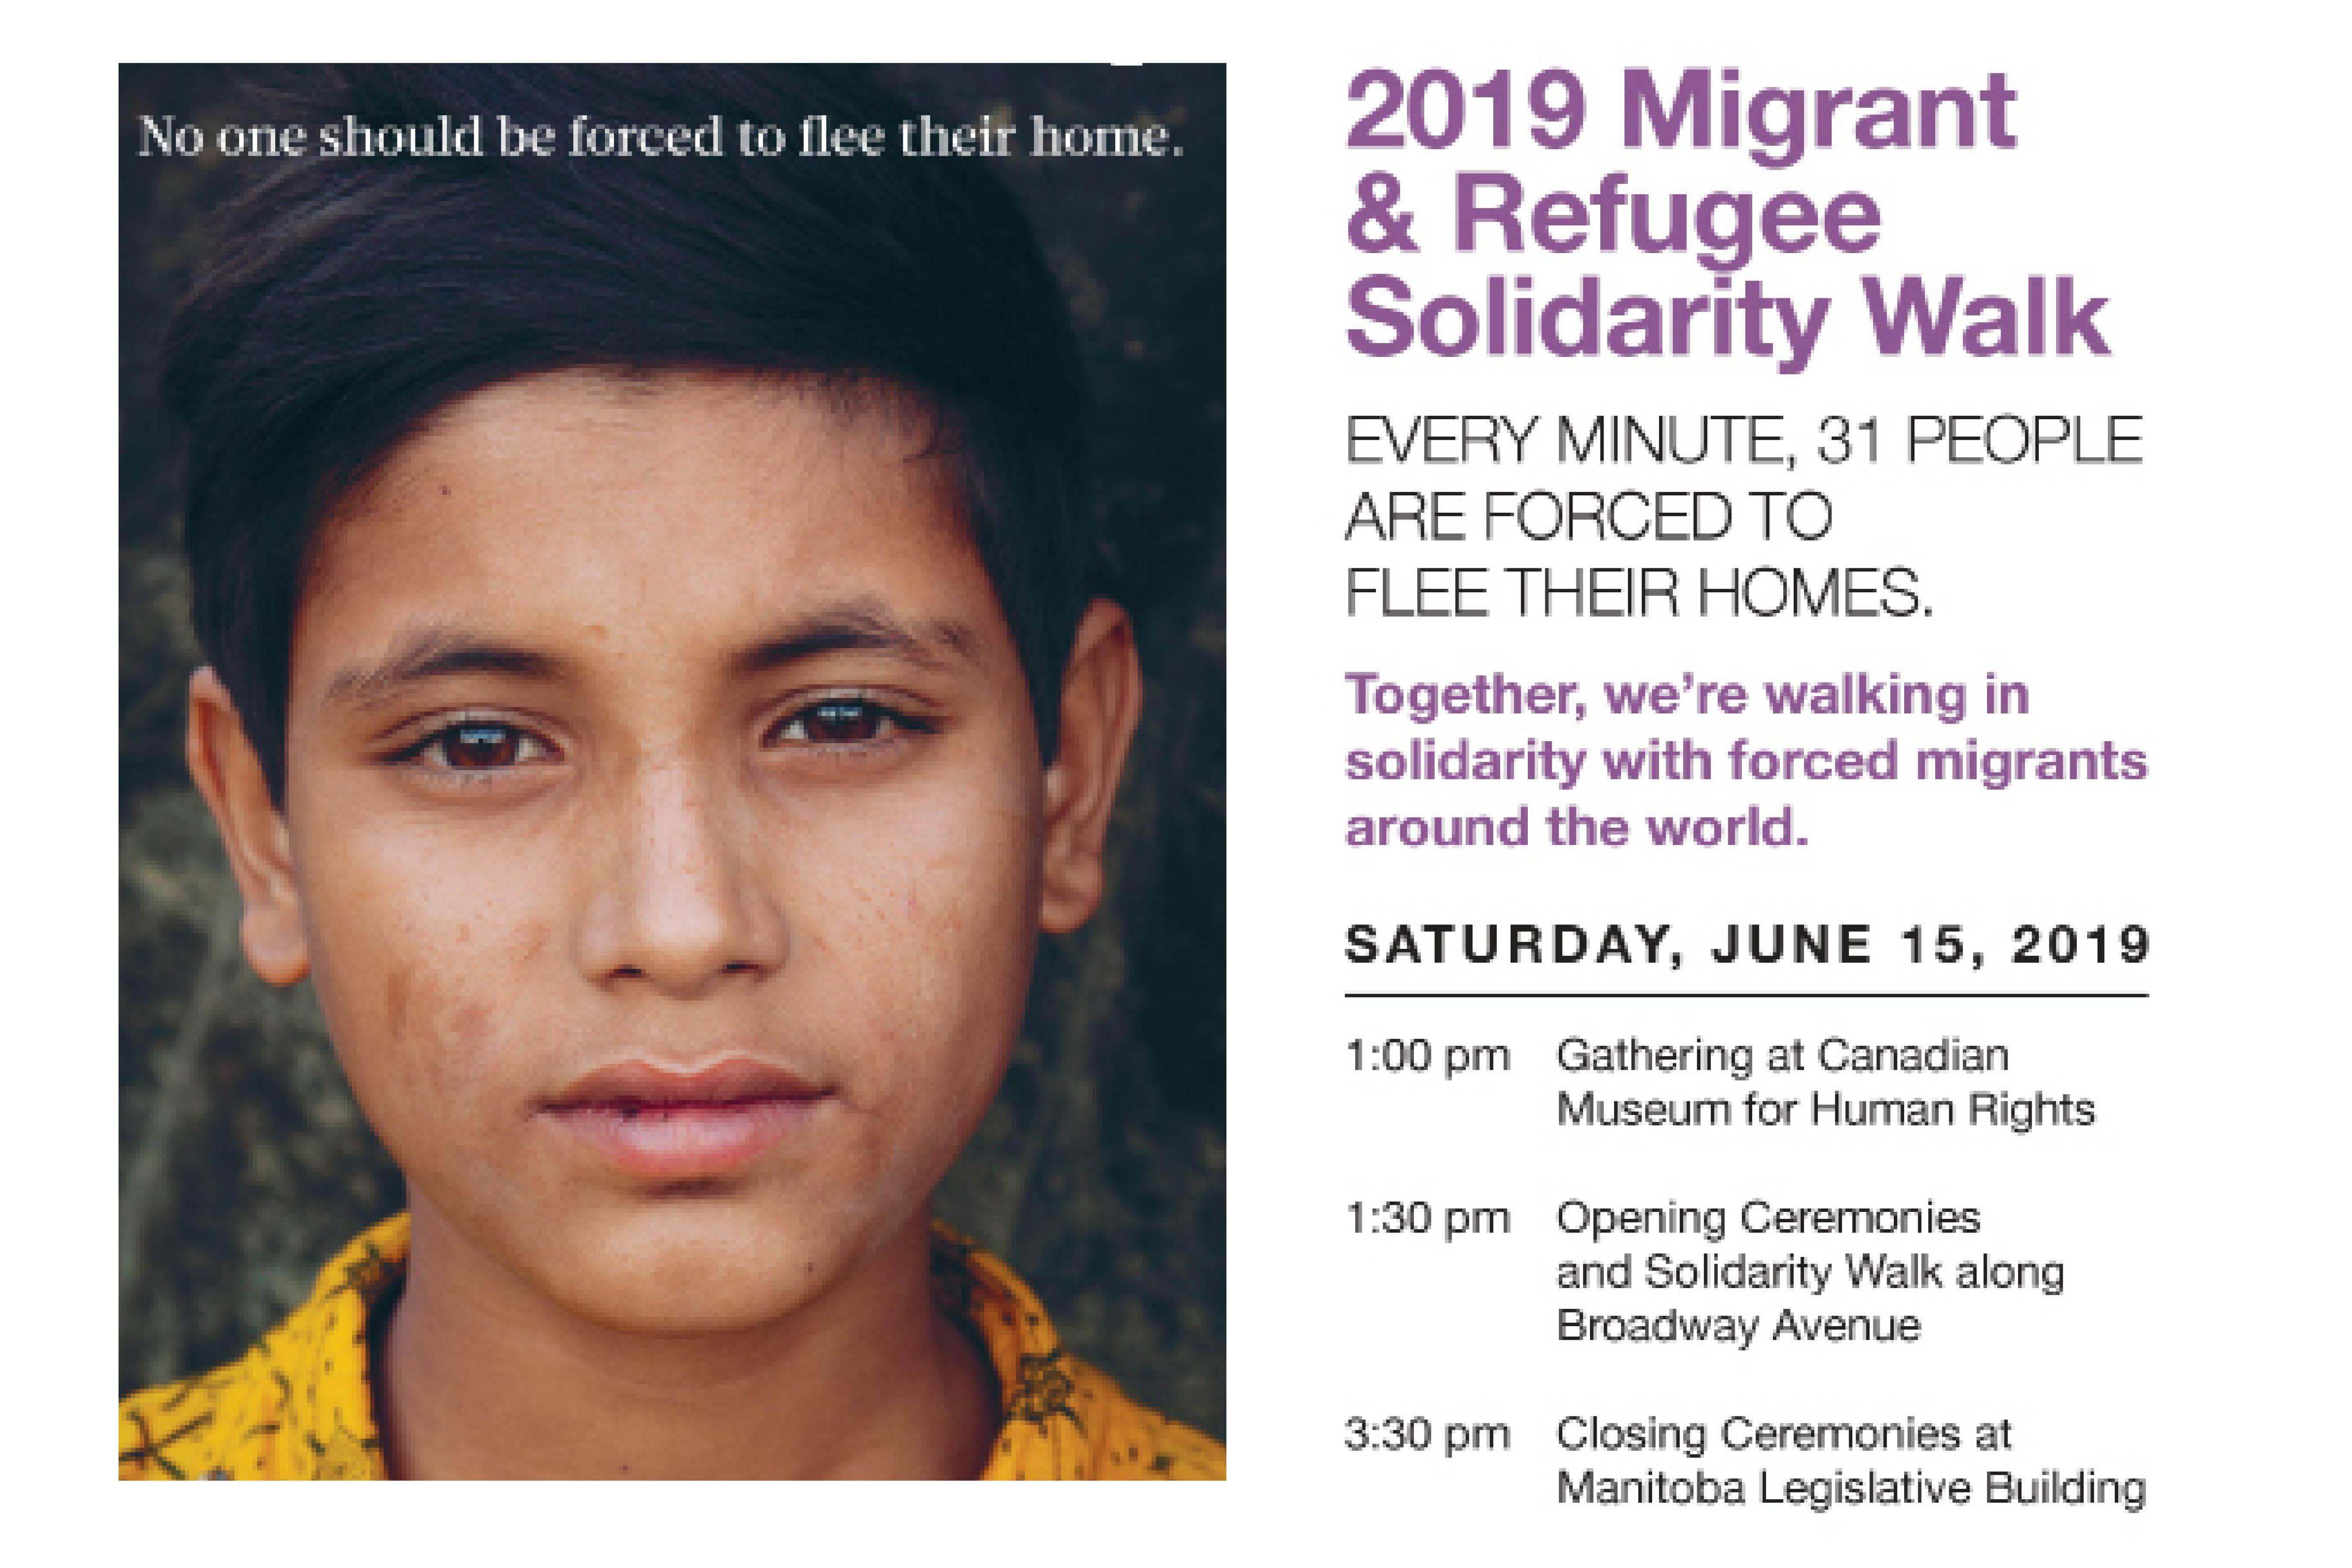 Migrant & Refugee Solidarity Walk